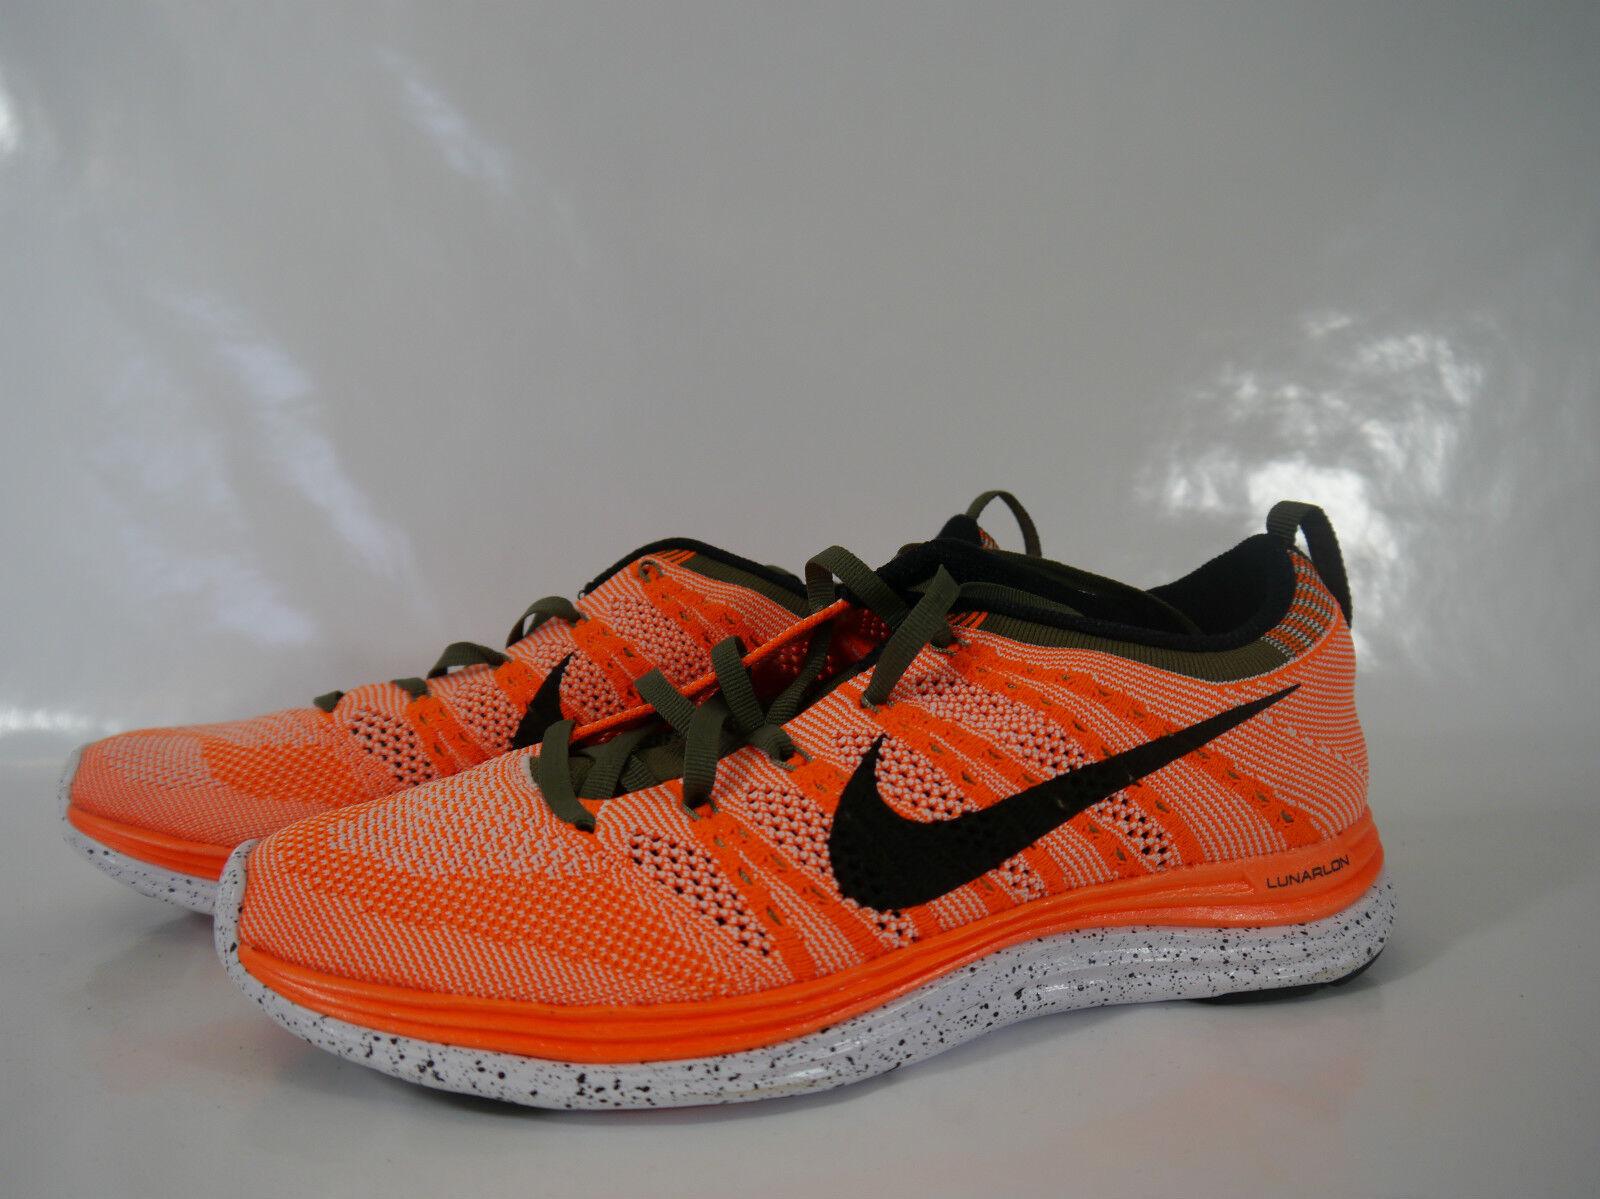 Nike Free formadores 3.0 V5 Naranja Para Mujer Para Hombre formadores Free NOS Eur 40 40a77d